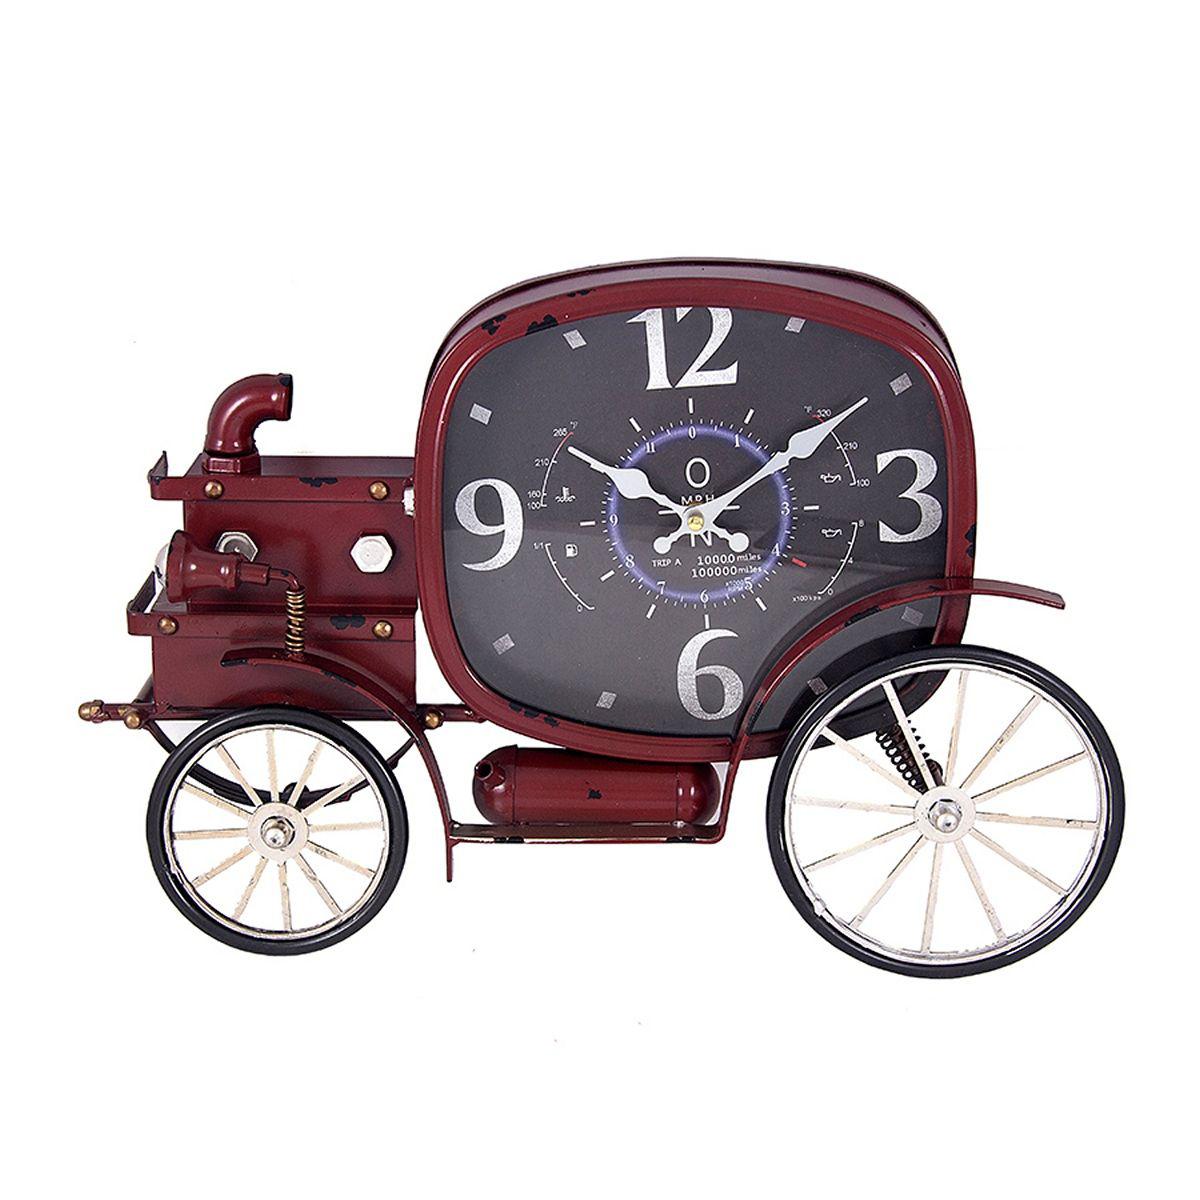 Часы настенные Русские Подарки Ретро-авто, цвет: бордо, 50 х 43 х 36 см. 2963329633Настенные часы Русские Подарки Ретро-авто станут изюминкой в дизайне интерьера вашегодома. Часы имеют две стрелки - часовую и минутную. Предусмотрено отверстие для крепления настену. Размер часов: 50 х 43 х 36 см.